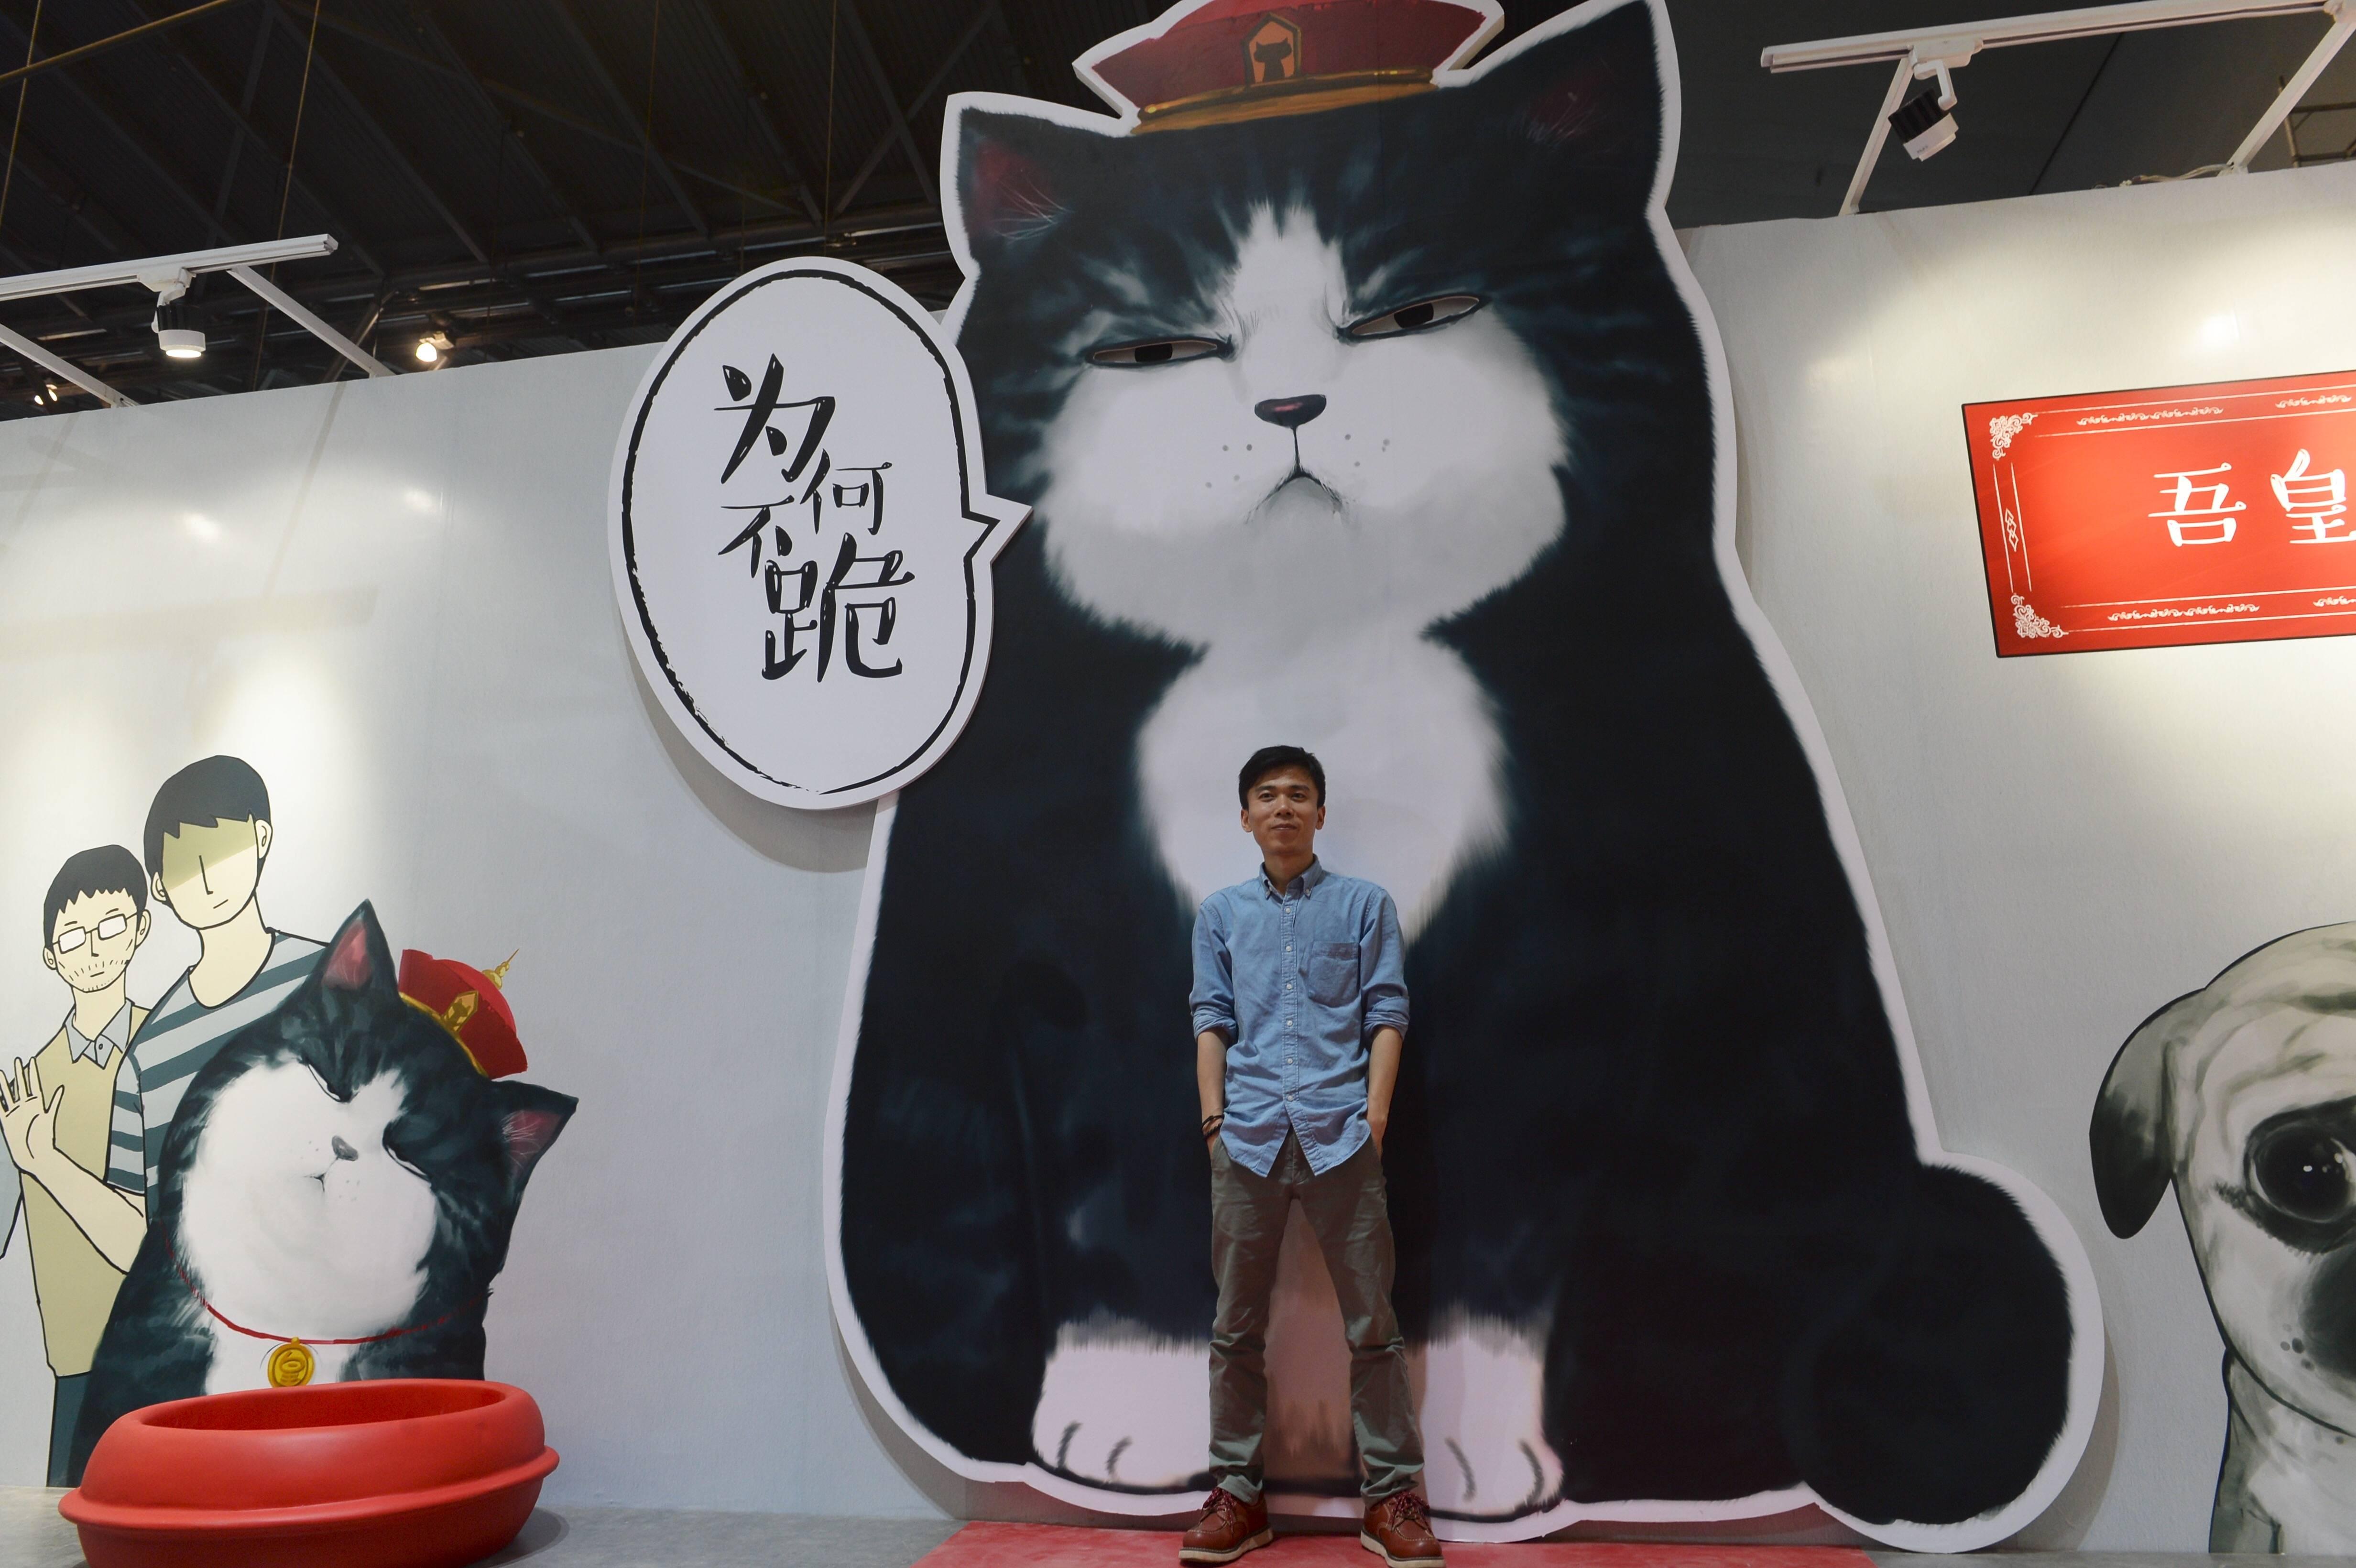 """微博上很火的一只猫""""吾皇万睡"""",以及它的作者白茶。淘宝提供了这类IP的形成土壤。"""